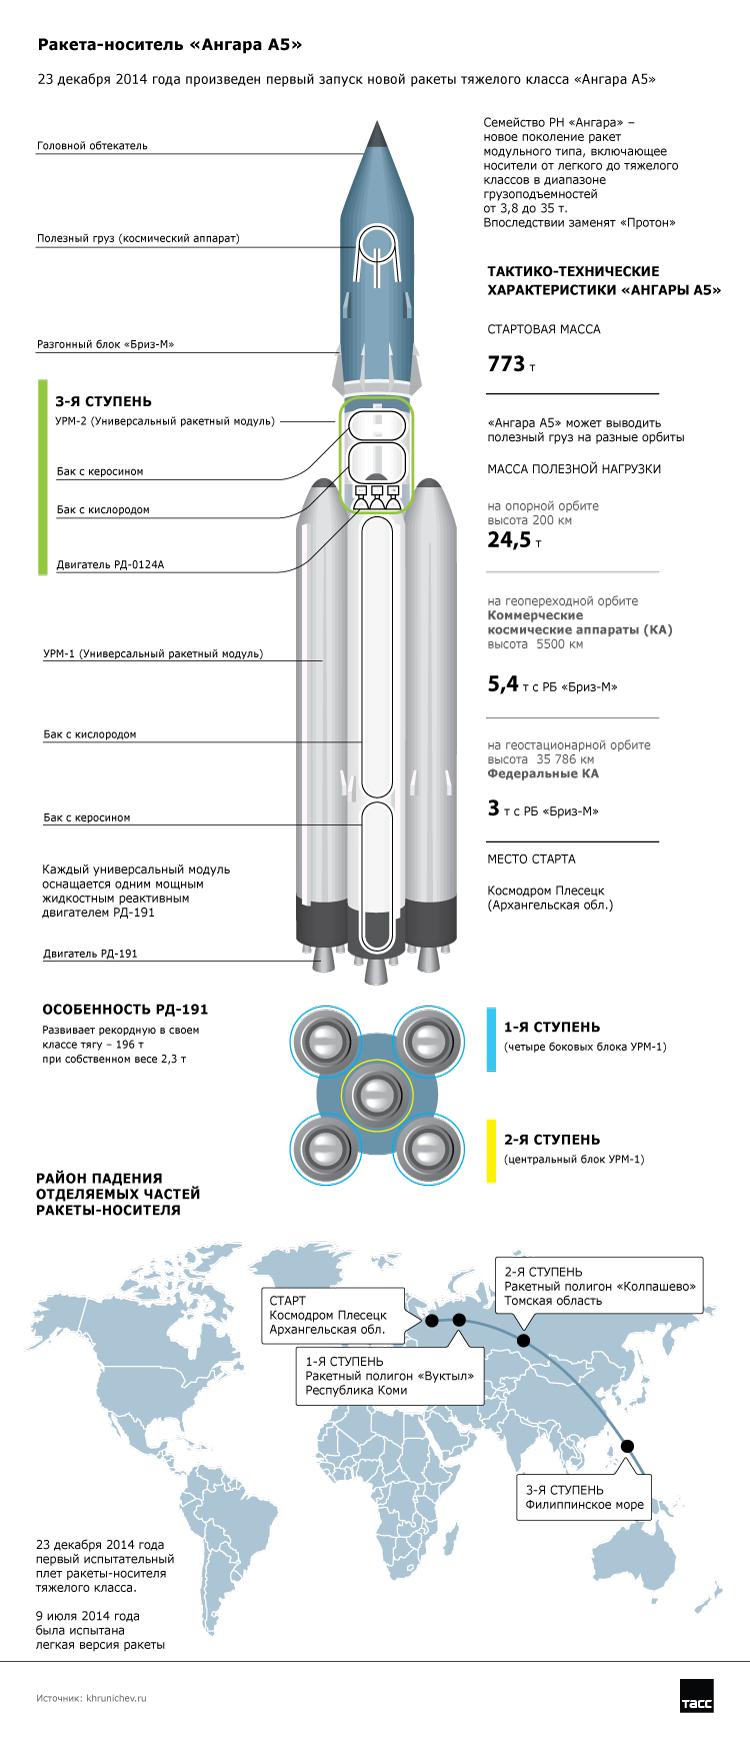 23 декабря 2014 года произведен первый запуск новой ракеты тяжелого класса «Ангара А5». Инфографика ТАСС